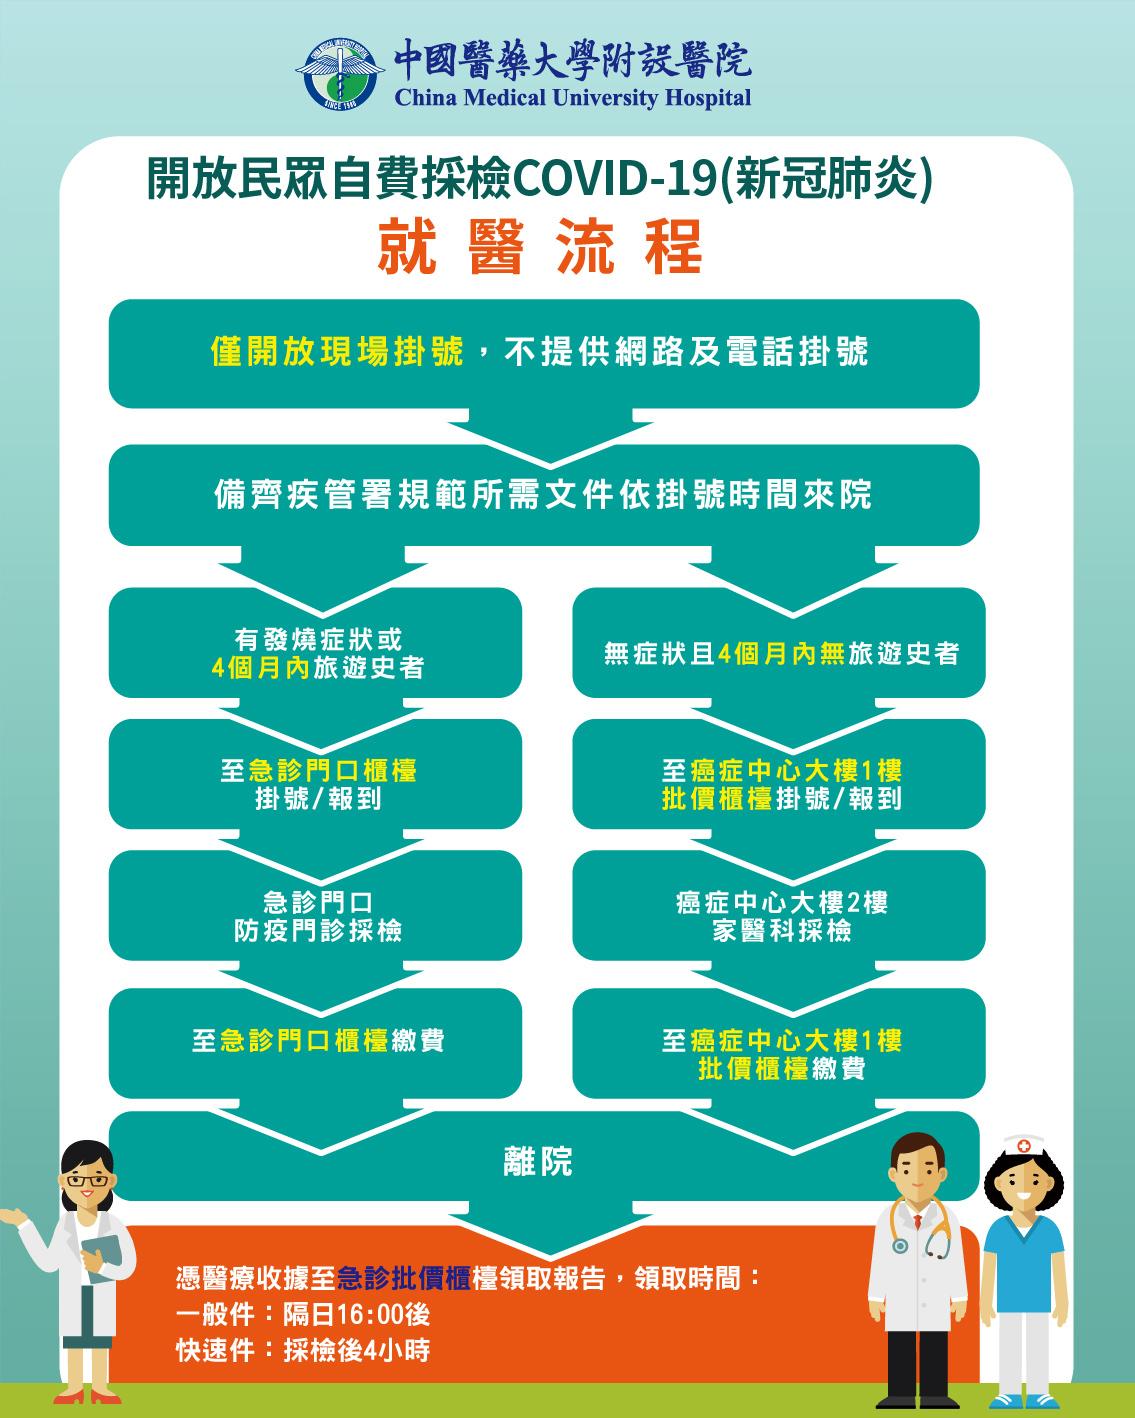 開放民眾自費檢驗COVID-19就醫流程